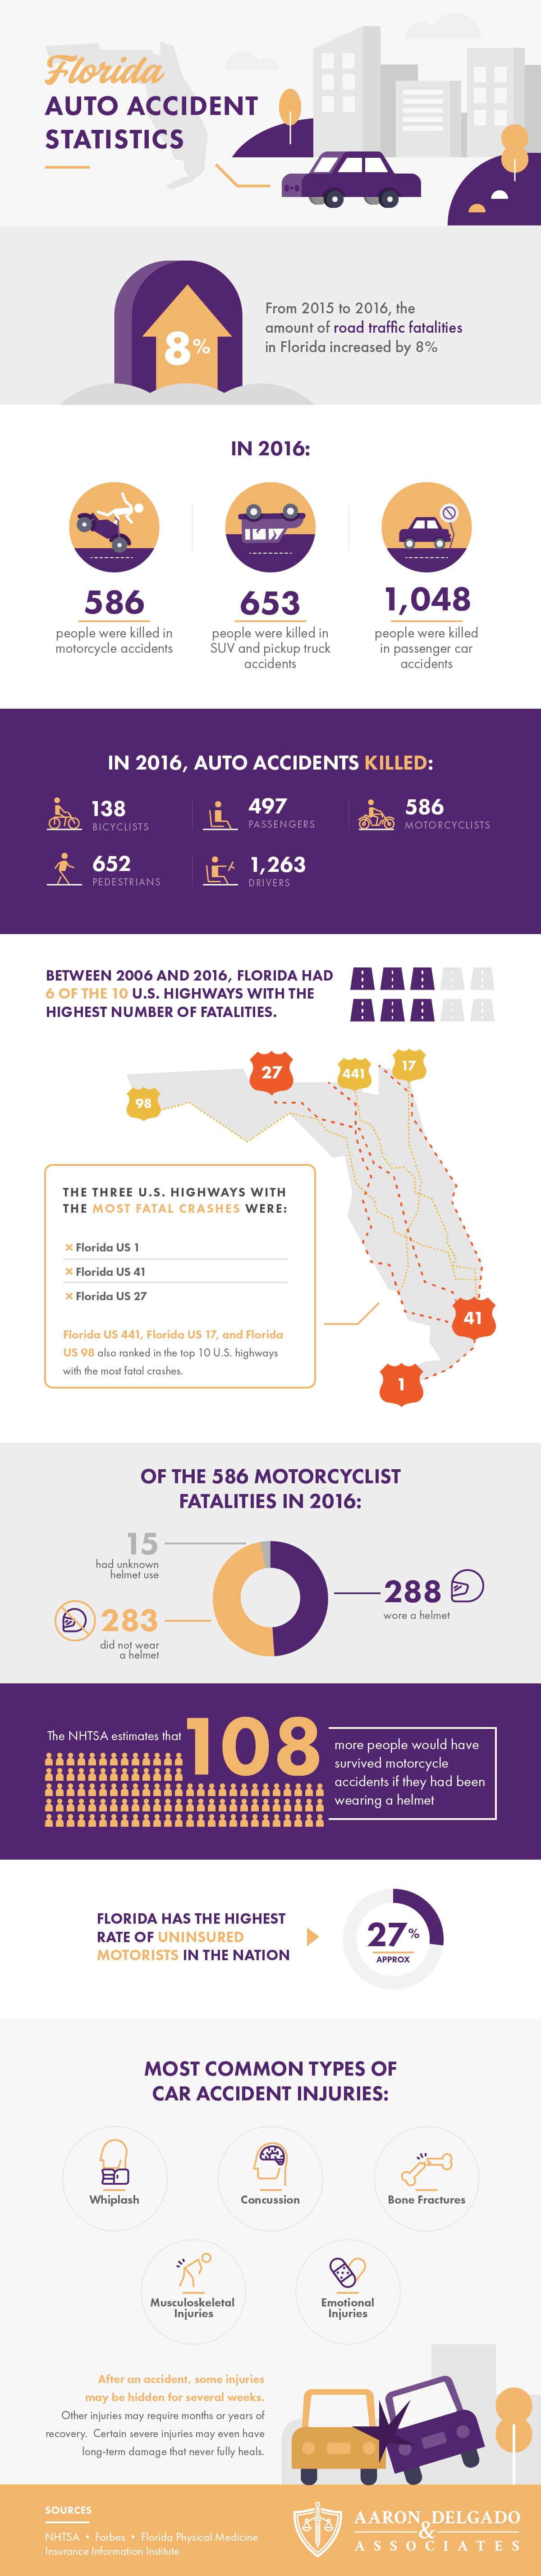 Florida Auto Accident Statistics